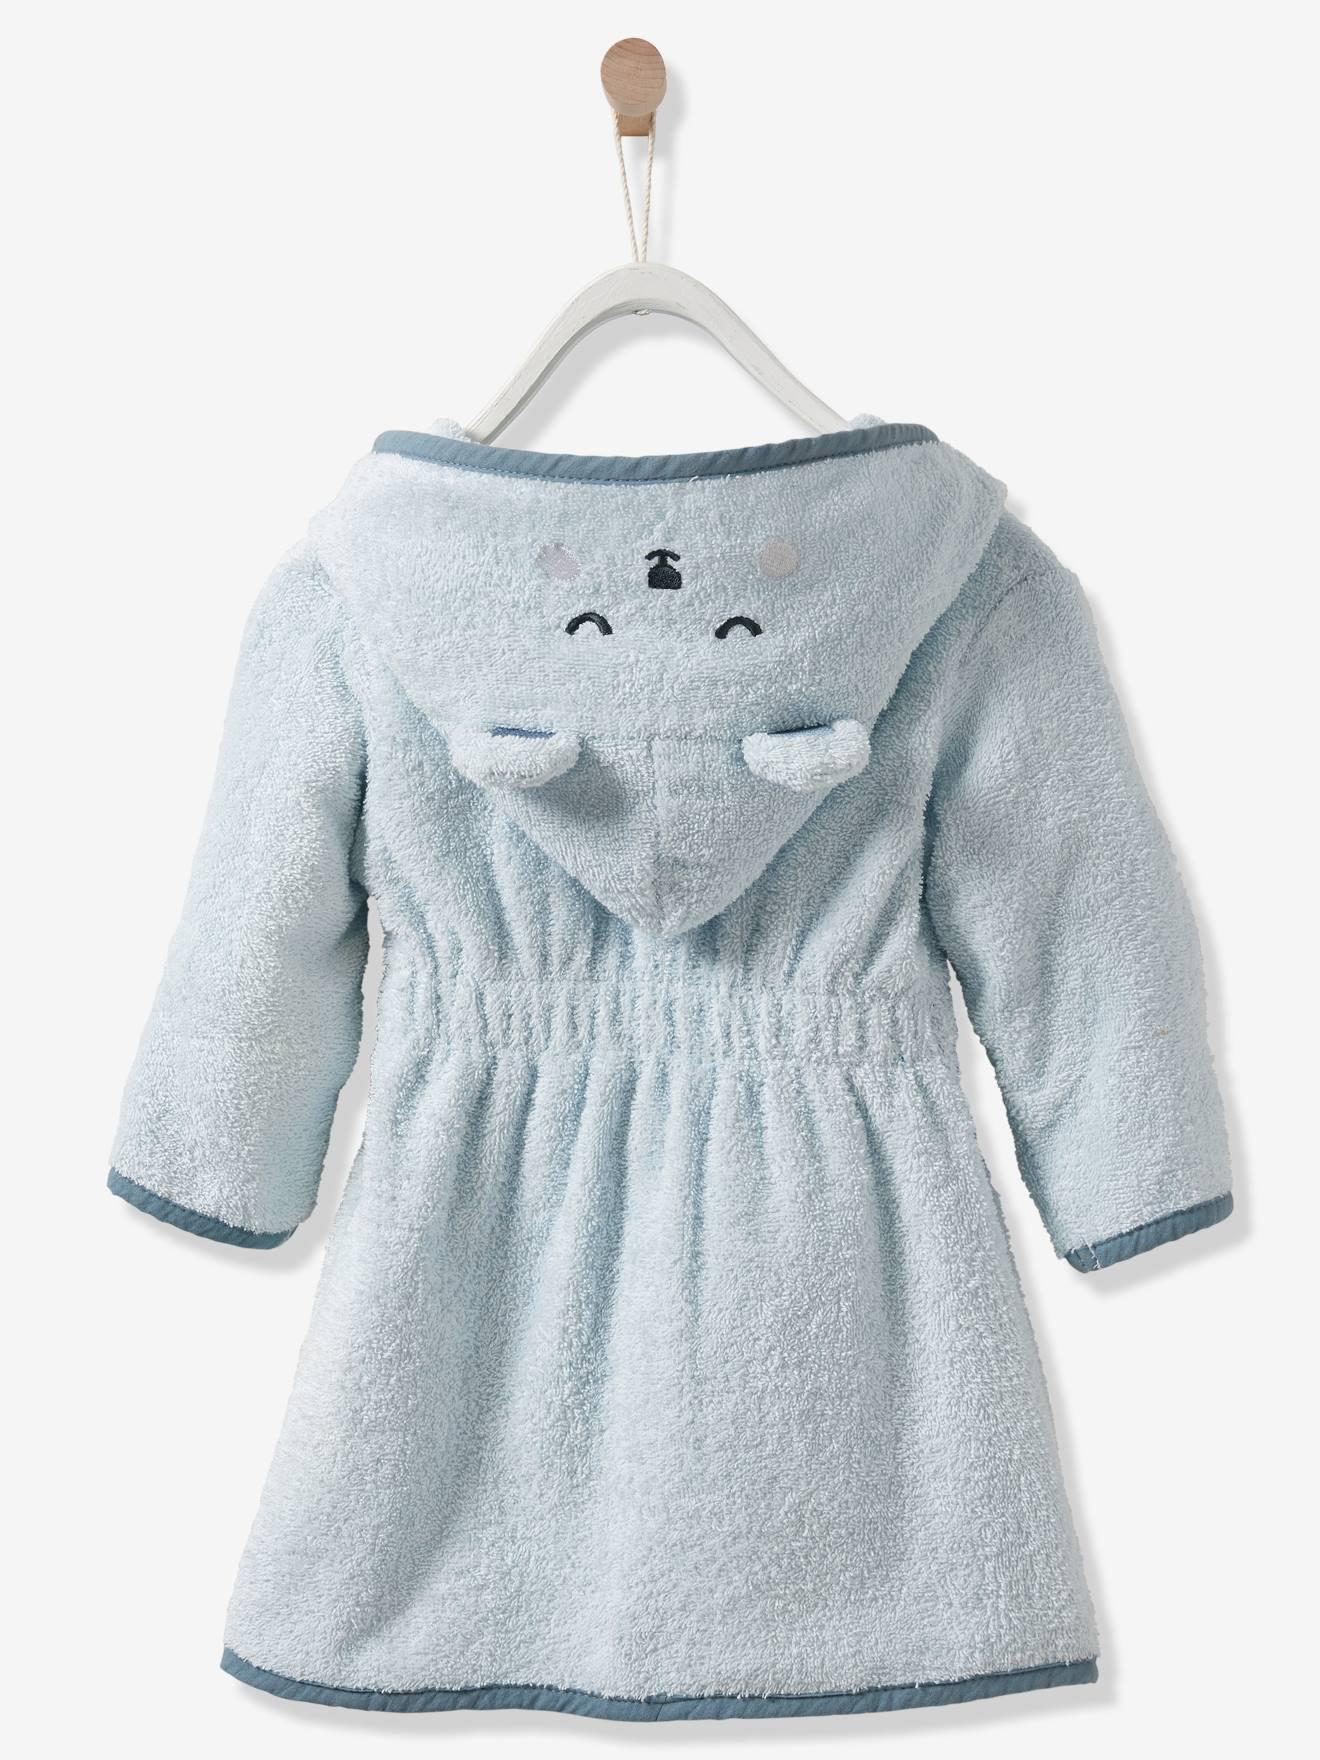 5683ca90ff848 Peignoir bébé Ours personnalisable bleu - Vertbaudet